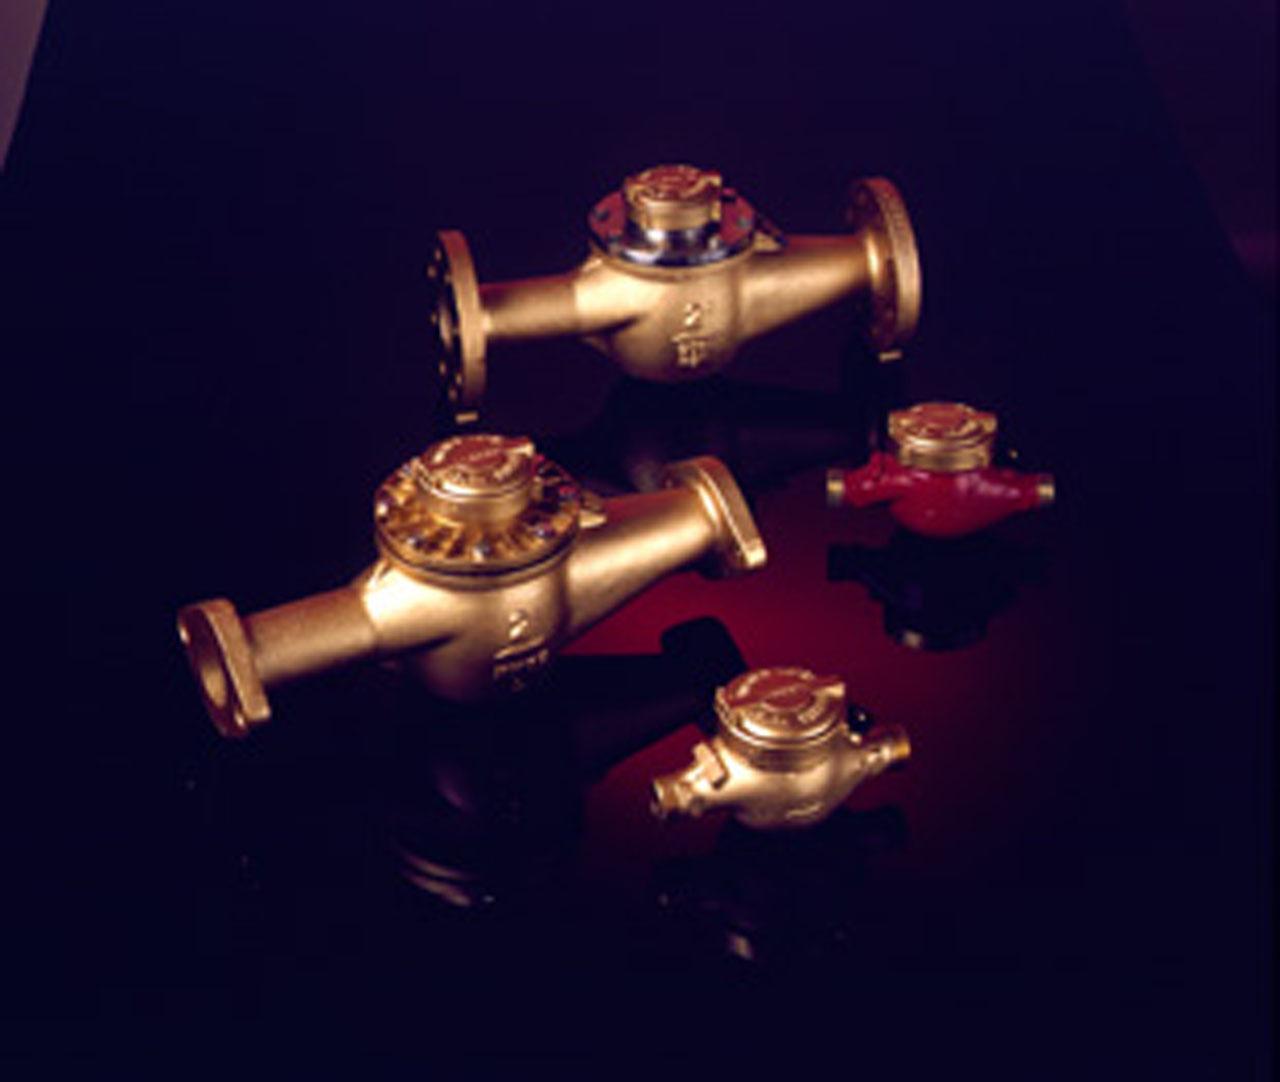 Meters & Parts